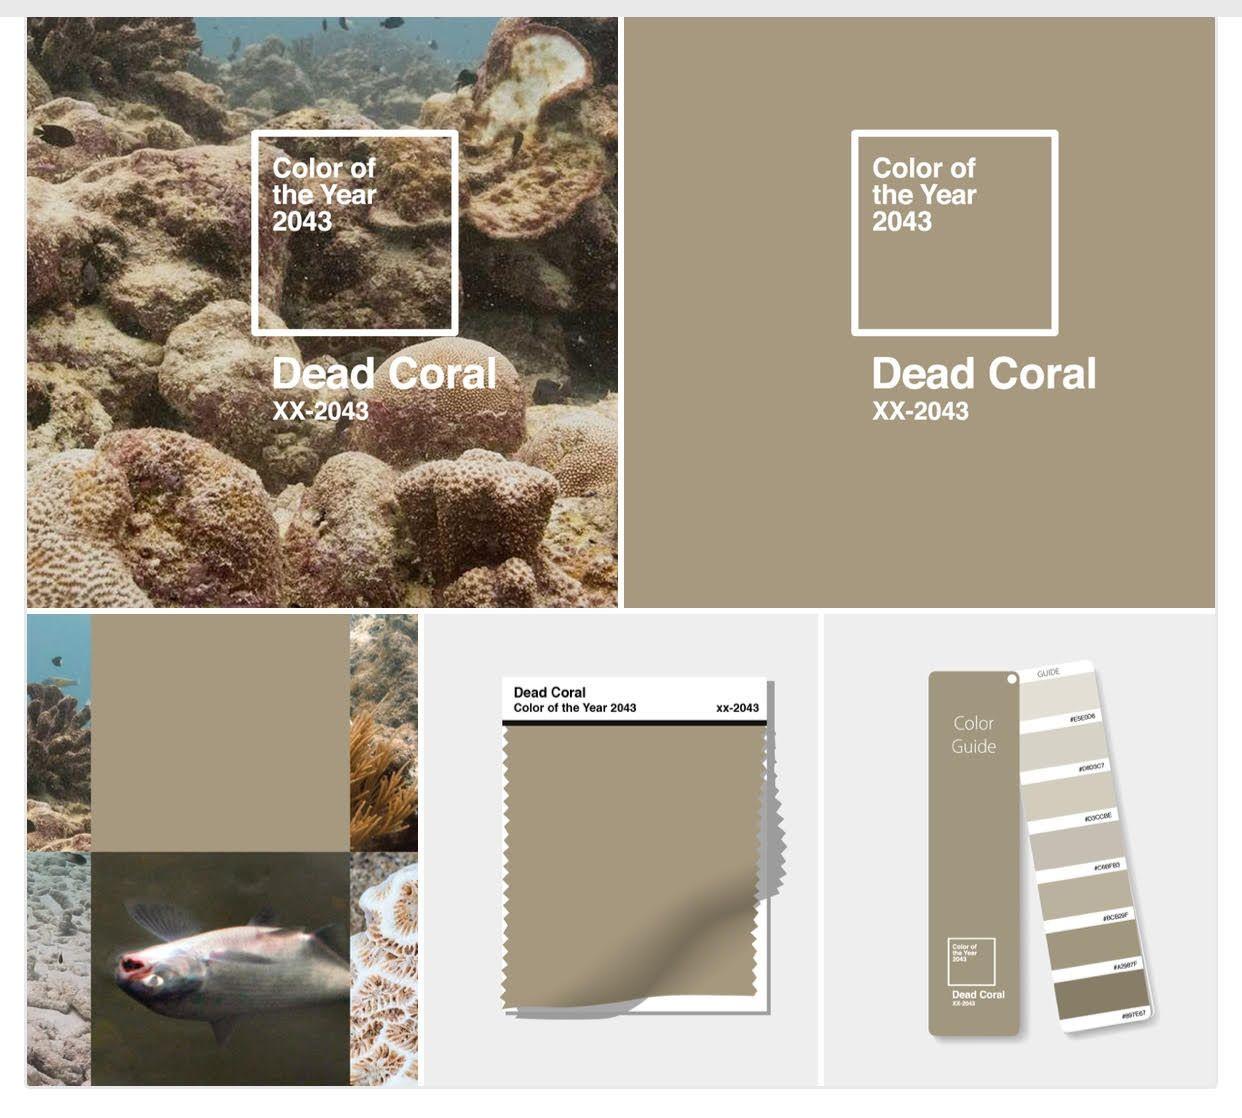 Color of the Year 2043 Dead Coral ile ilgili görsel sonucu